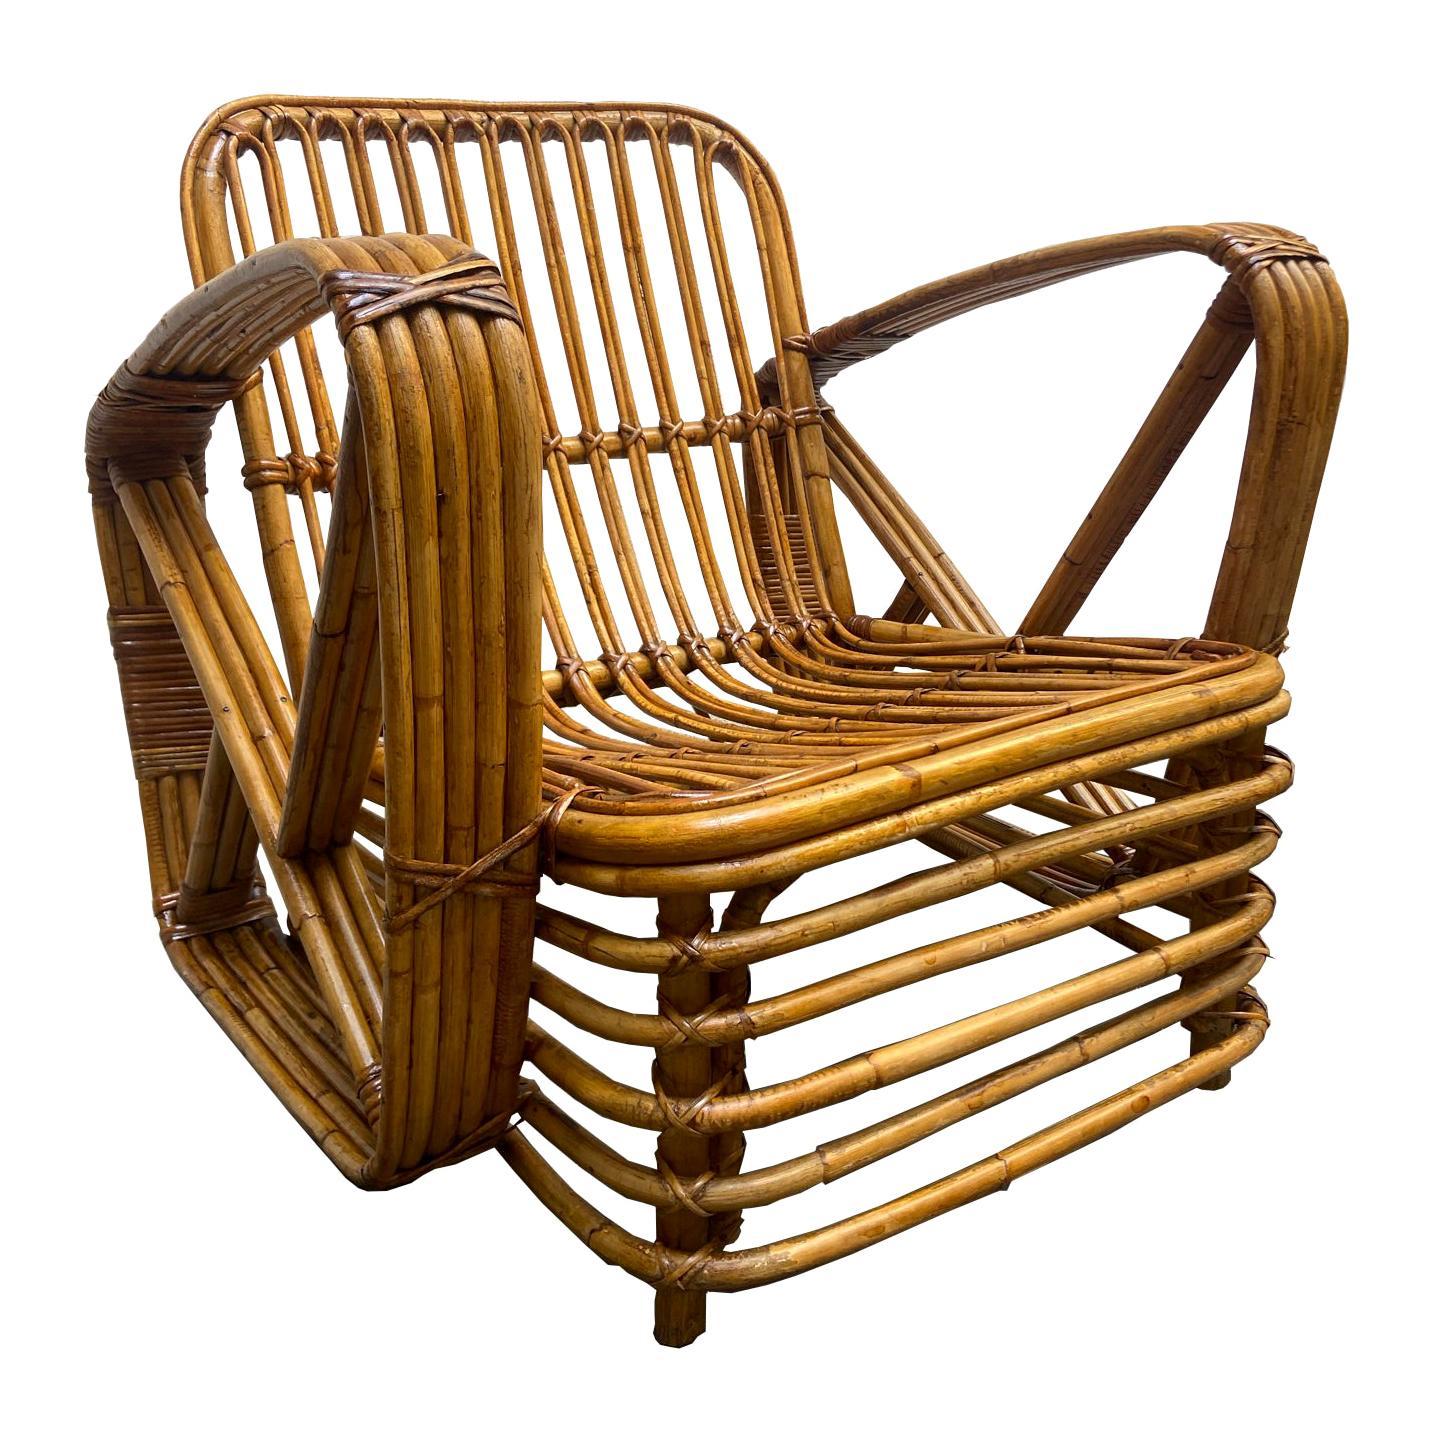 Paul Frankl Rattan Pretzel Lounge Chair, 1940s